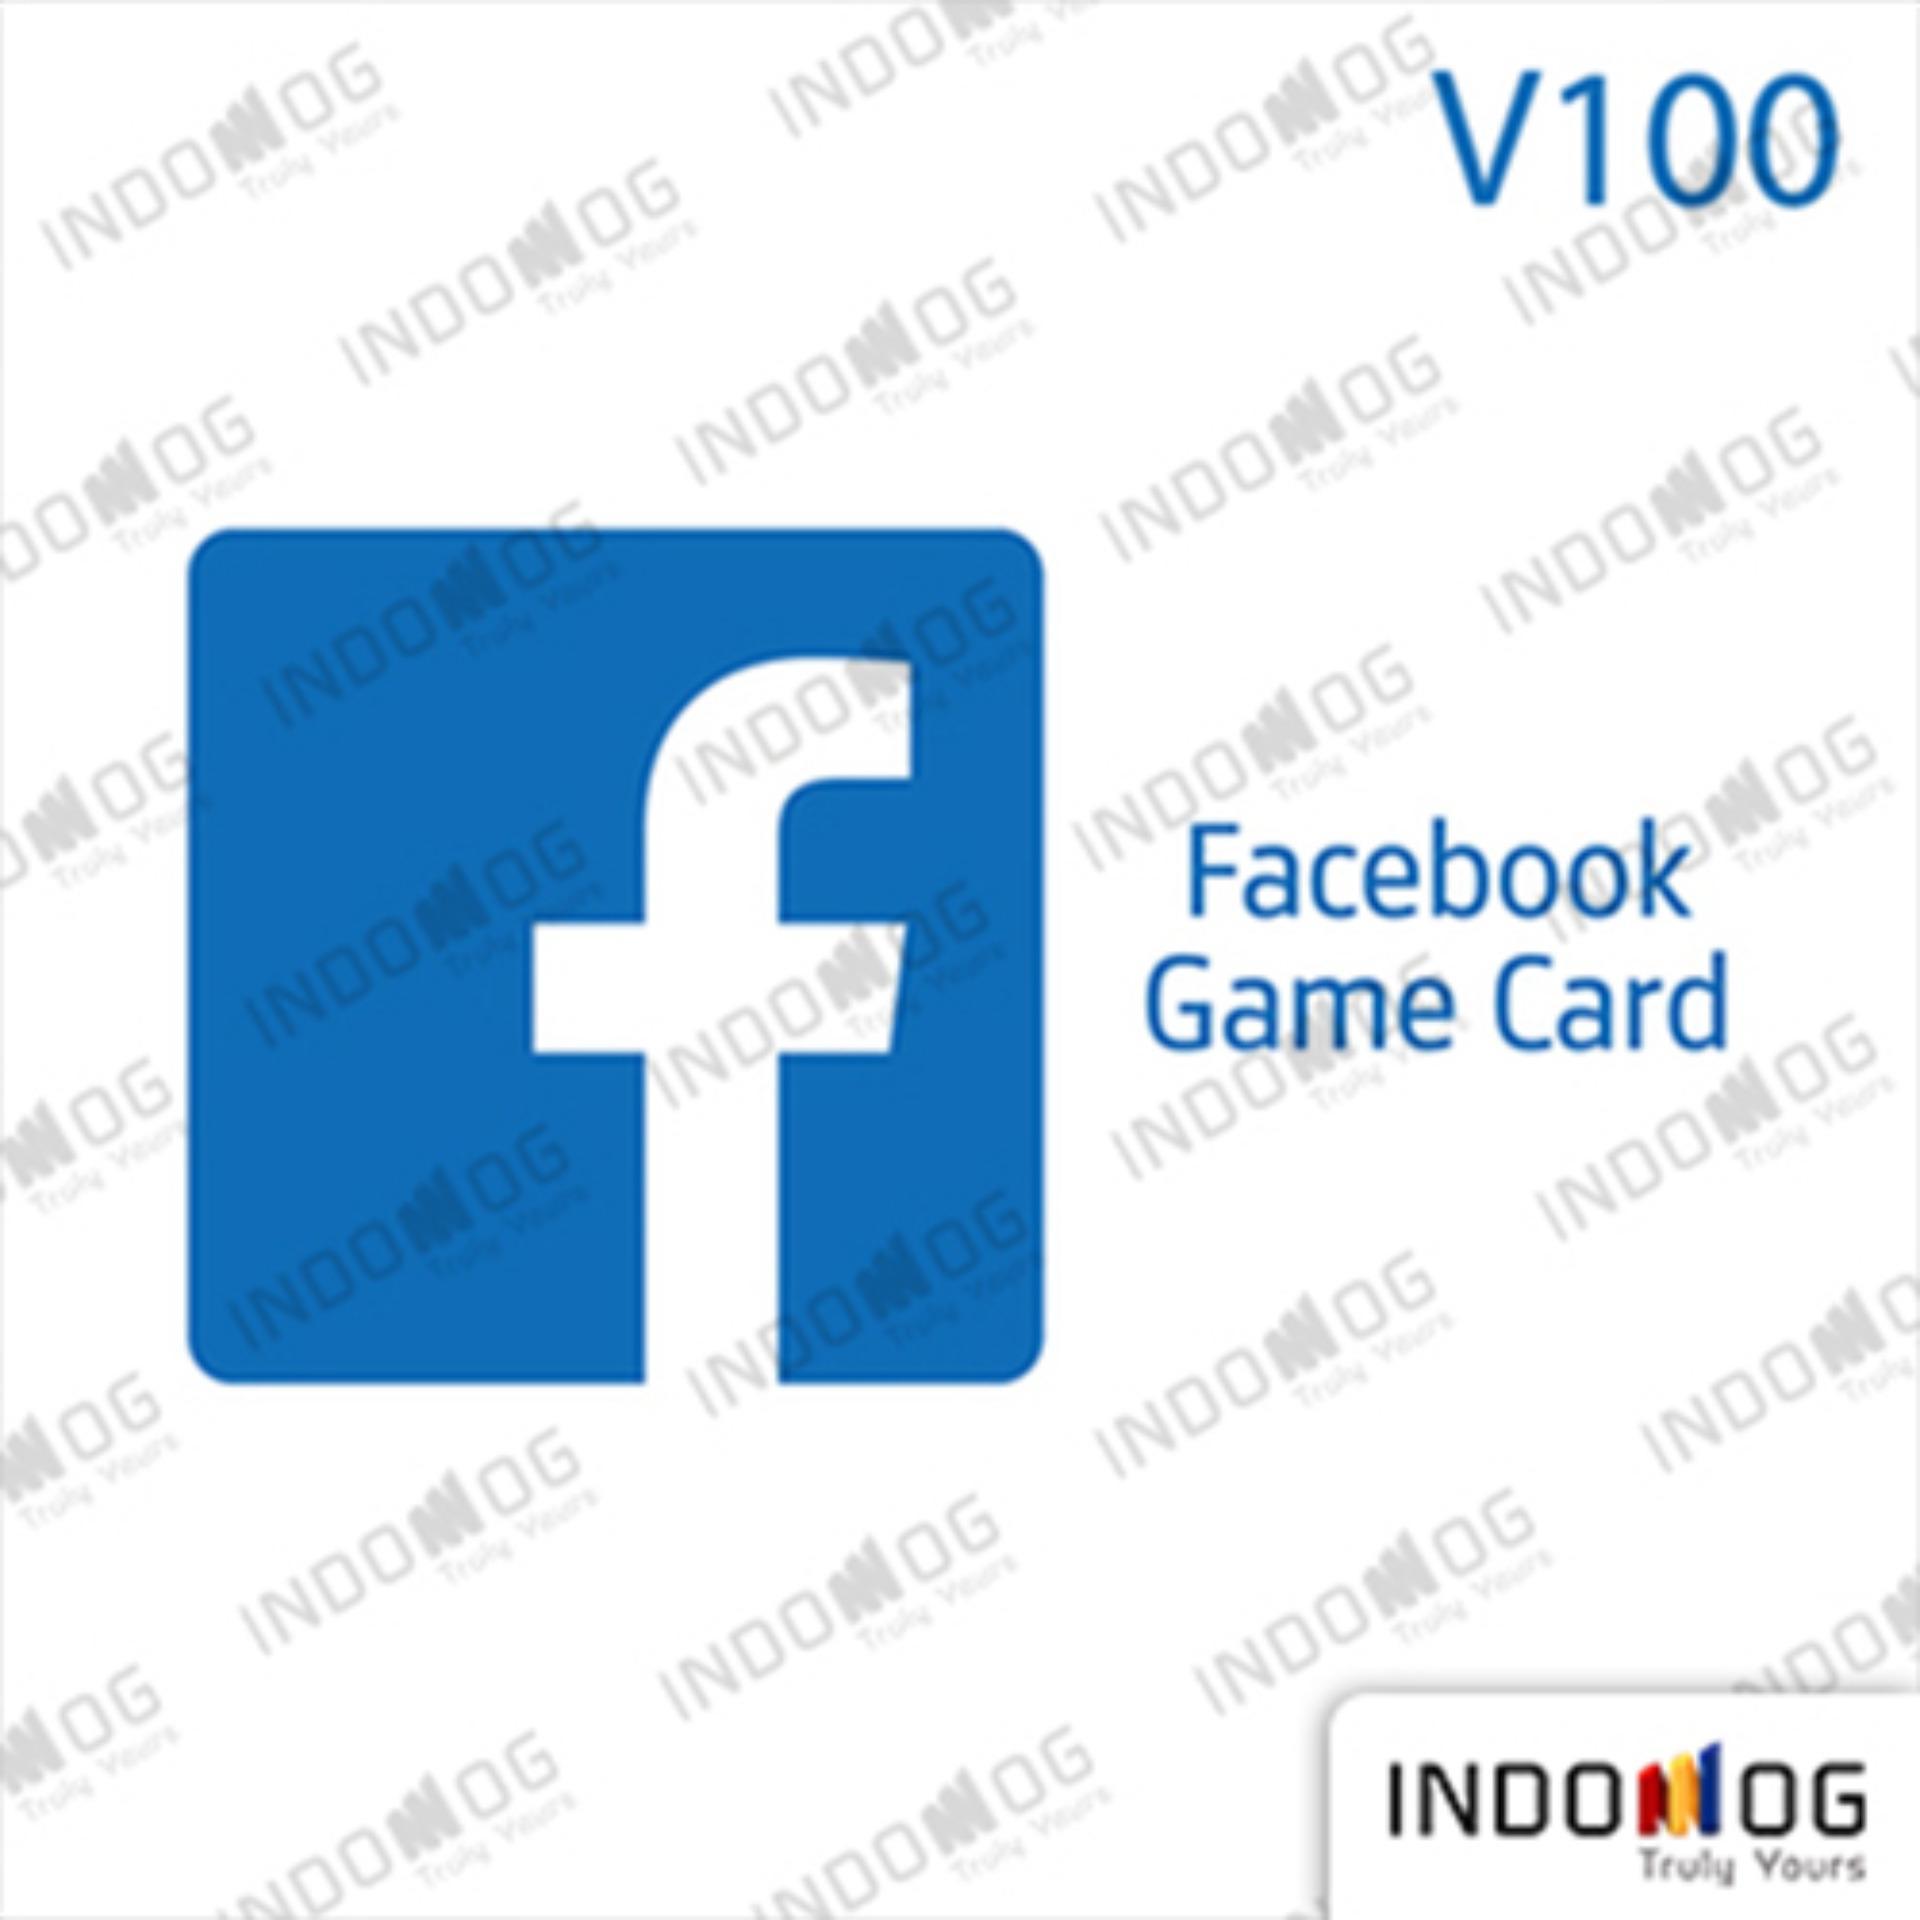 Indomog Facebook Game Card 100.000